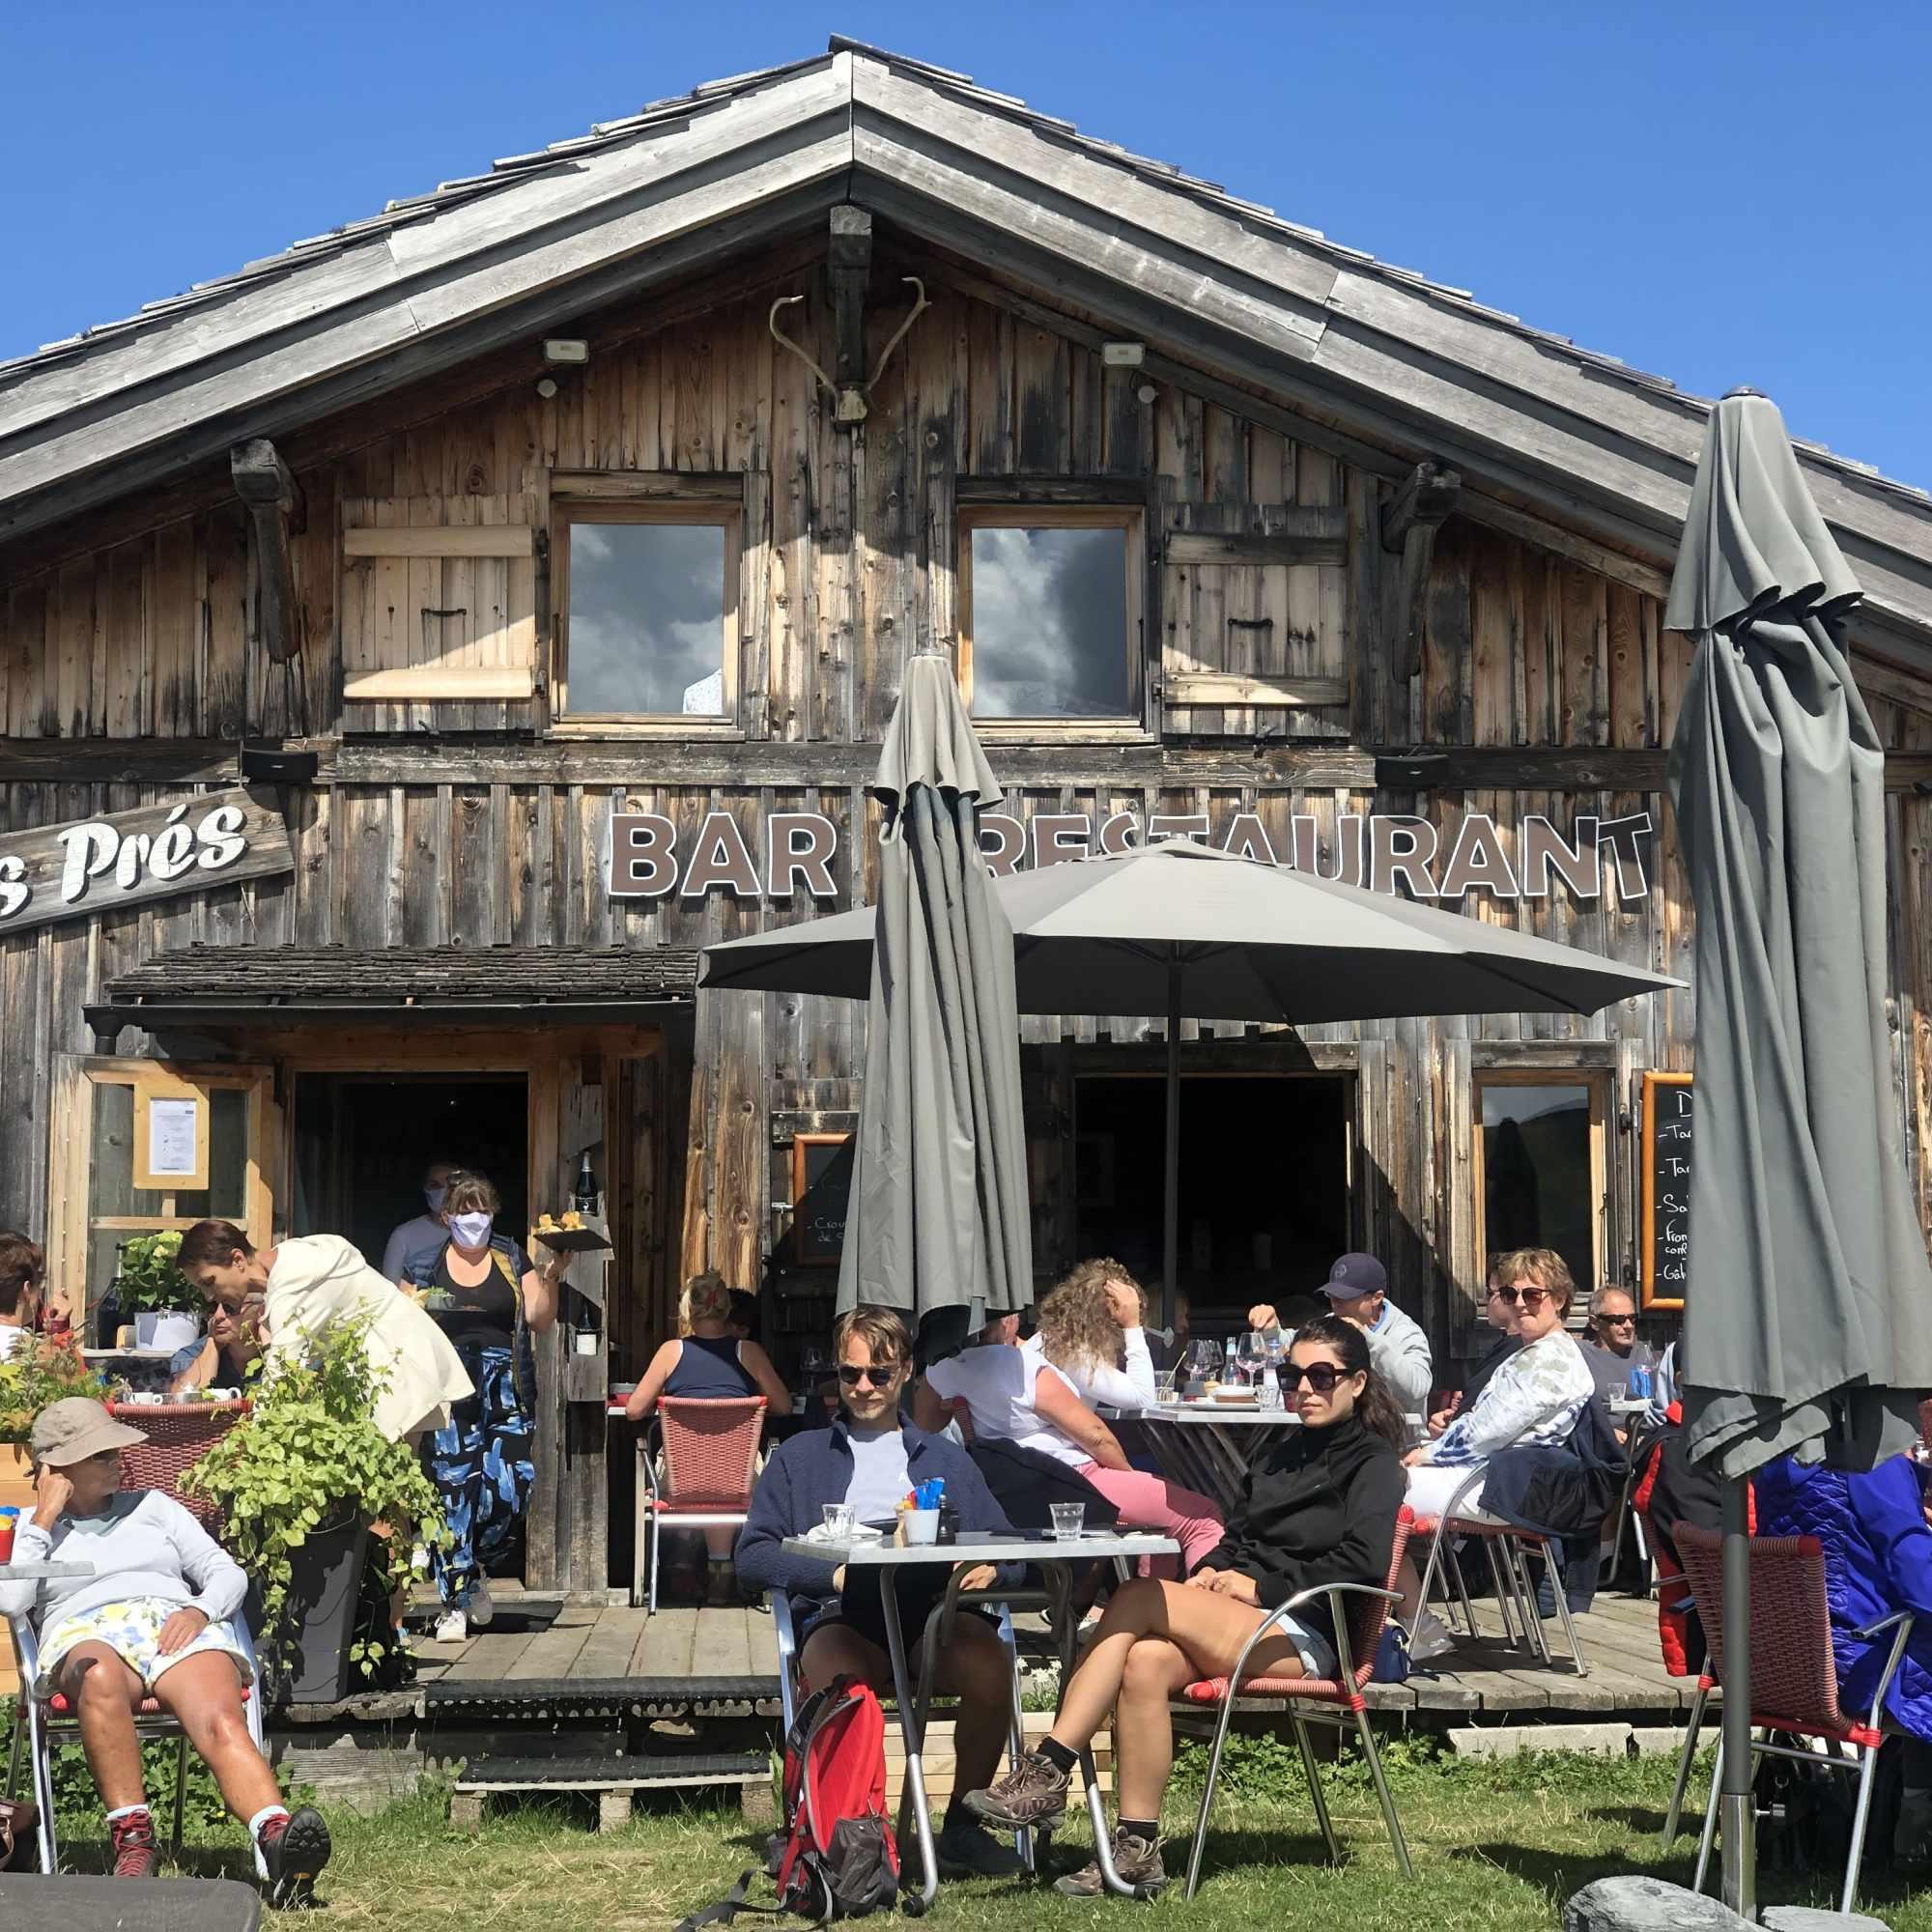 Sur les prés -Restaurant d'altitude - Megève - Rochebrune - image 3